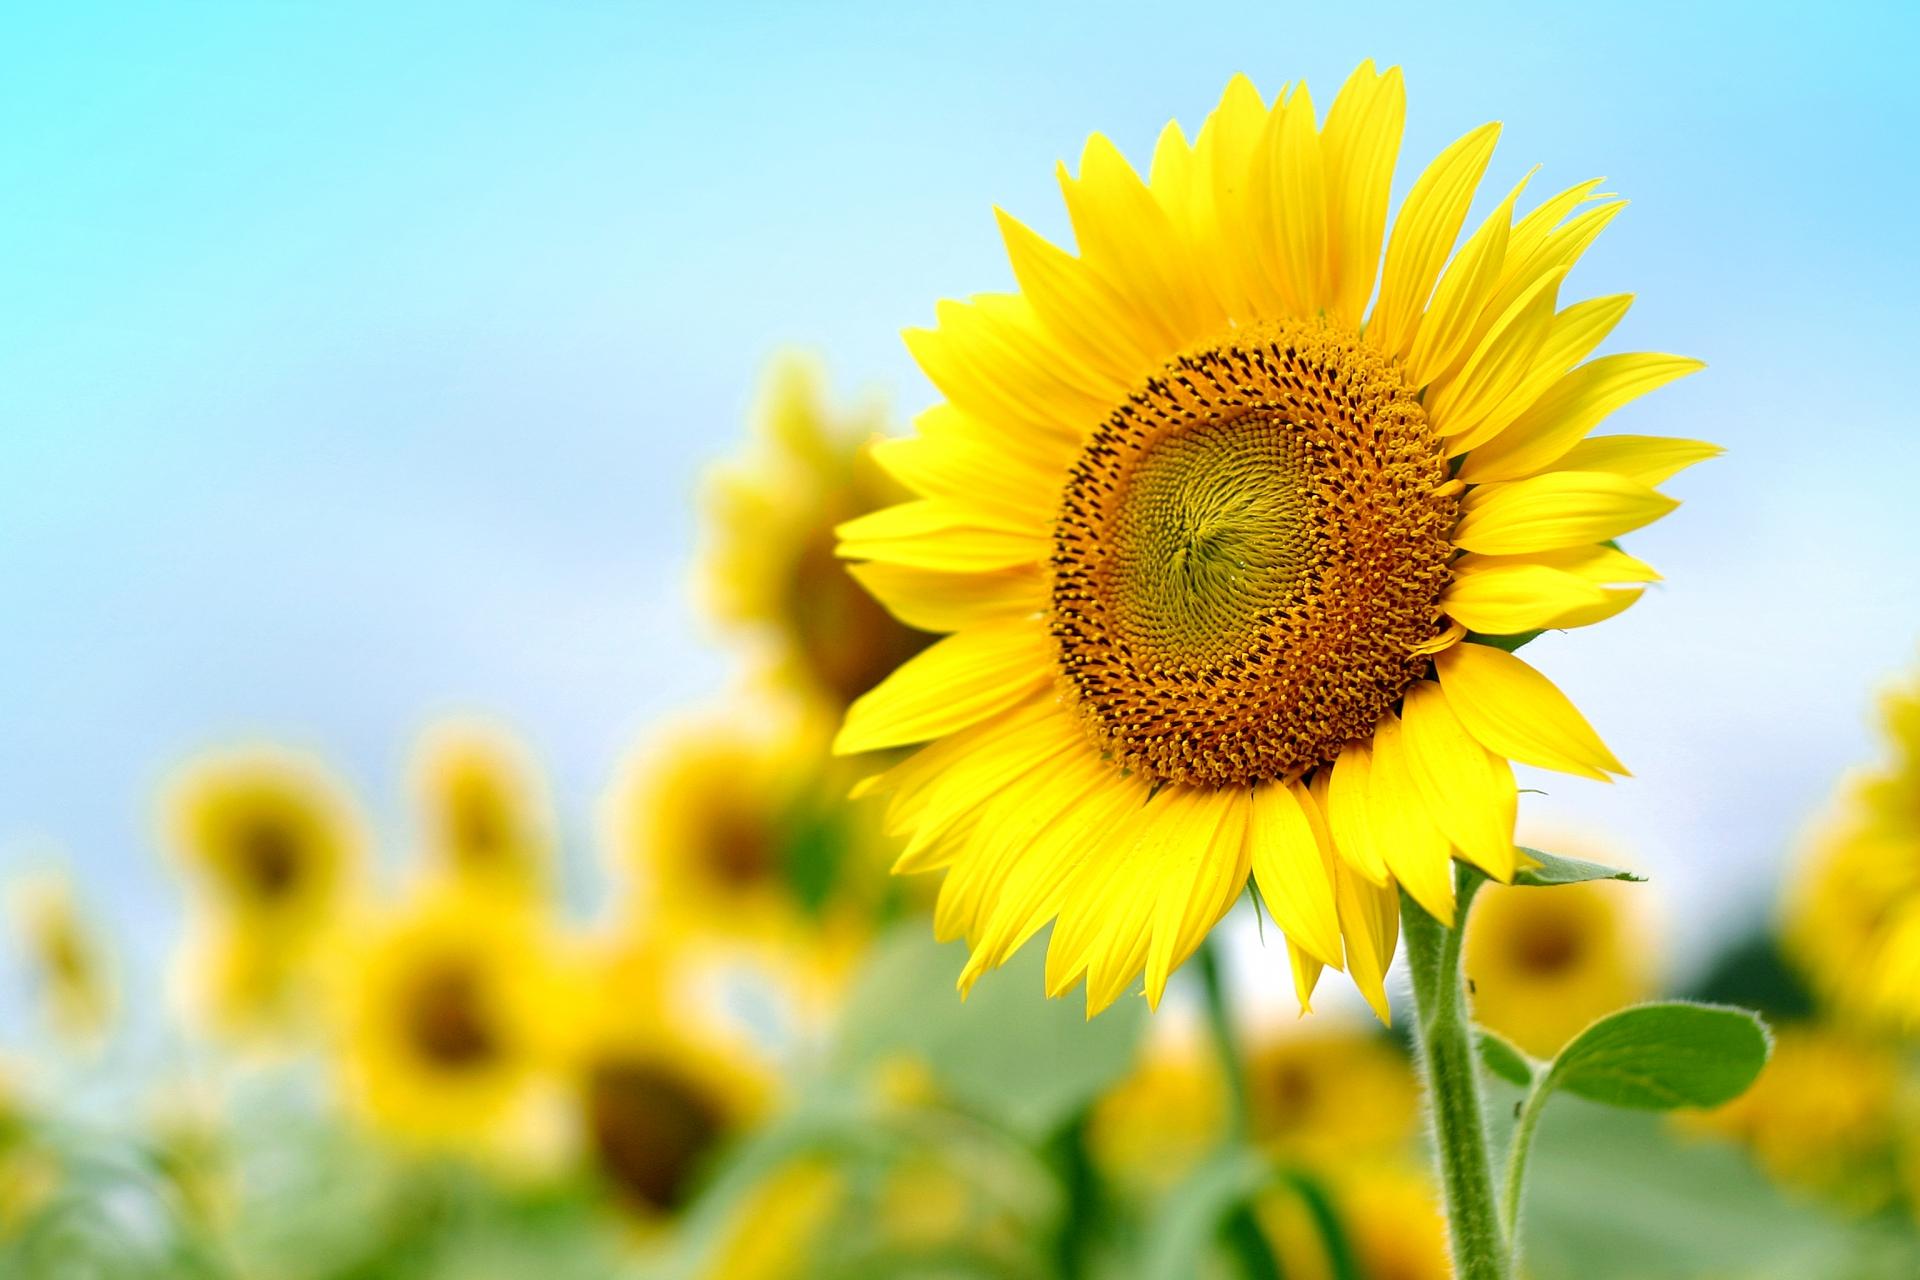 ガーデン用品屋さんの花図鑑 ヒマワリ